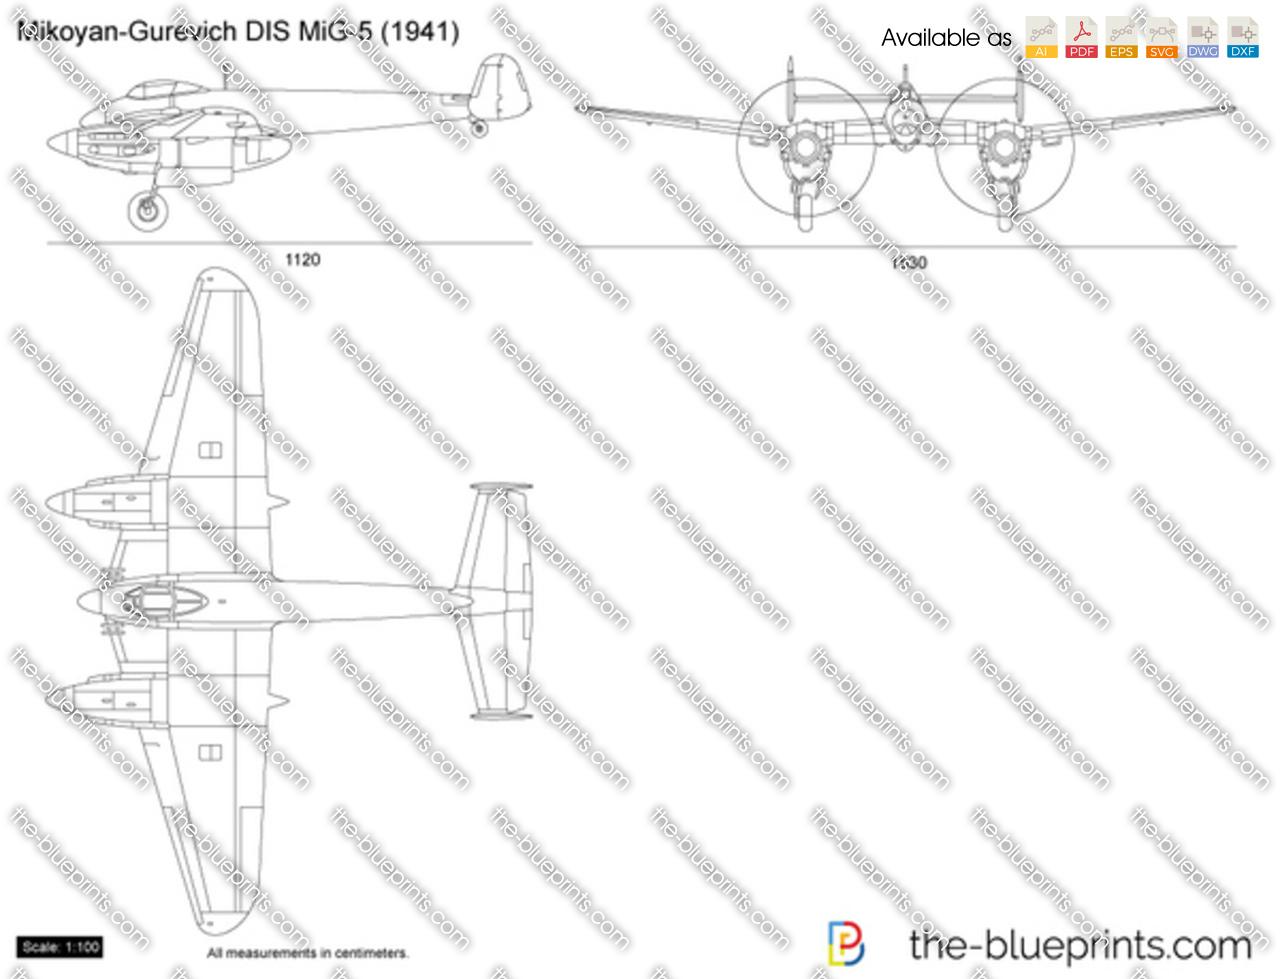 Mikoyan-Gurevich DIS MiG-5